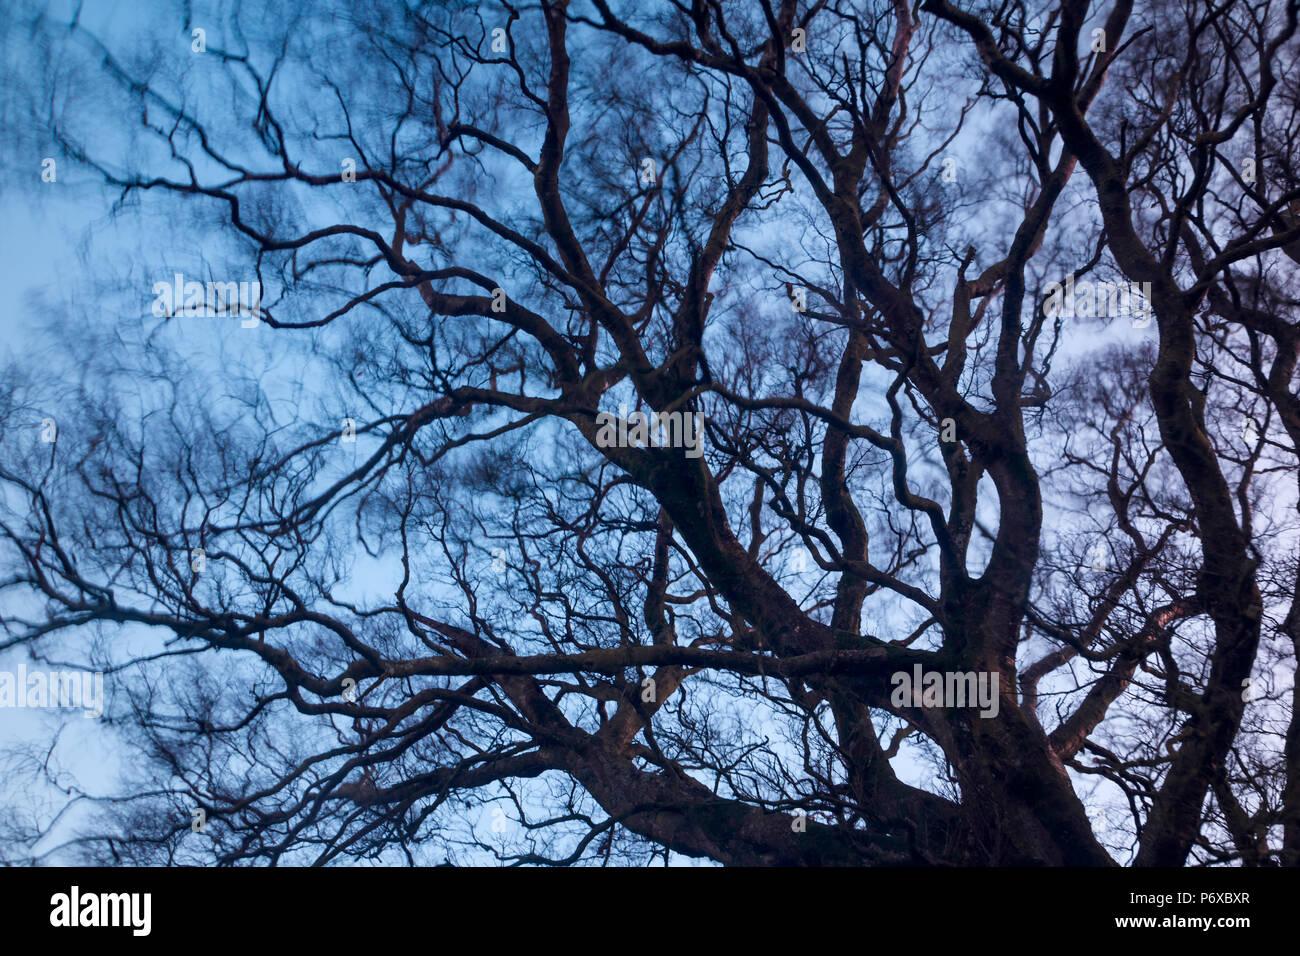 Una imagen abstracta de un desnudo las ramas de los árboles movidas por el viento, el Parque Nacional de Brecon Beacons, Gales, noviembre de 2017 Imagen De Stock